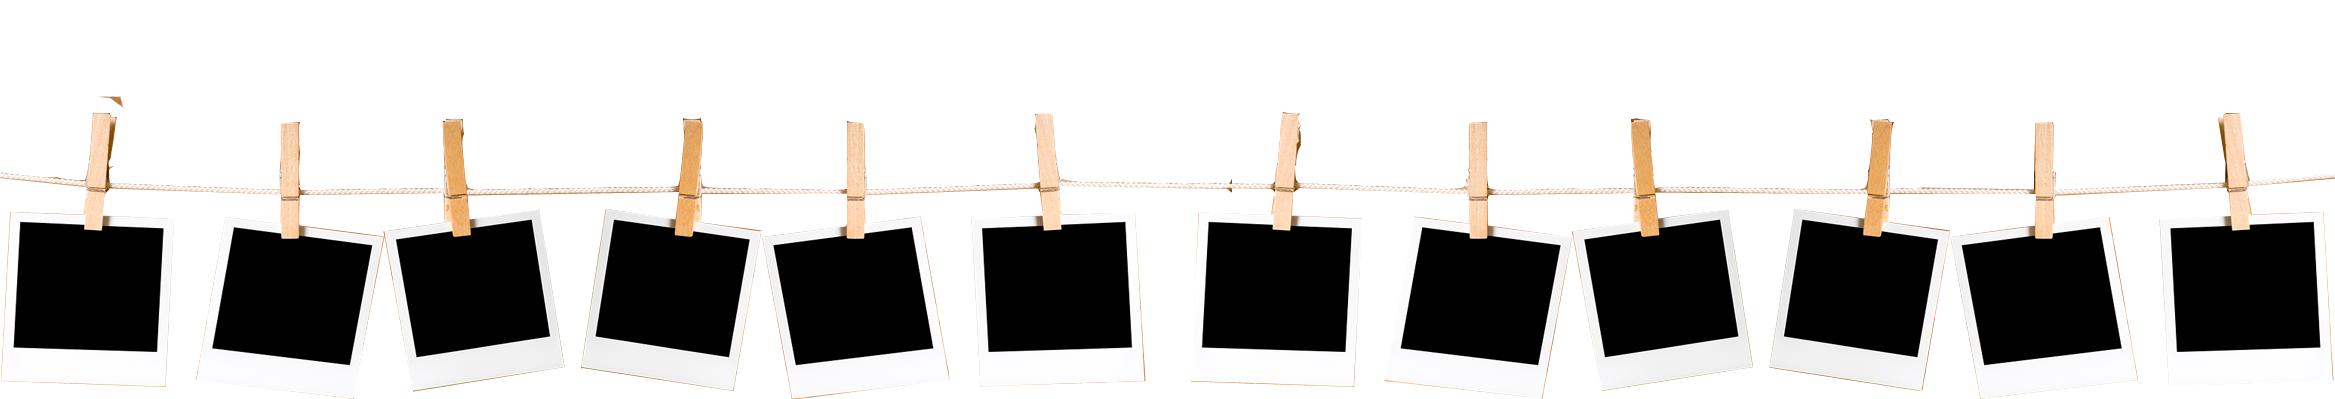 Шаблоны фотки на прищепках на прозрачном фоне